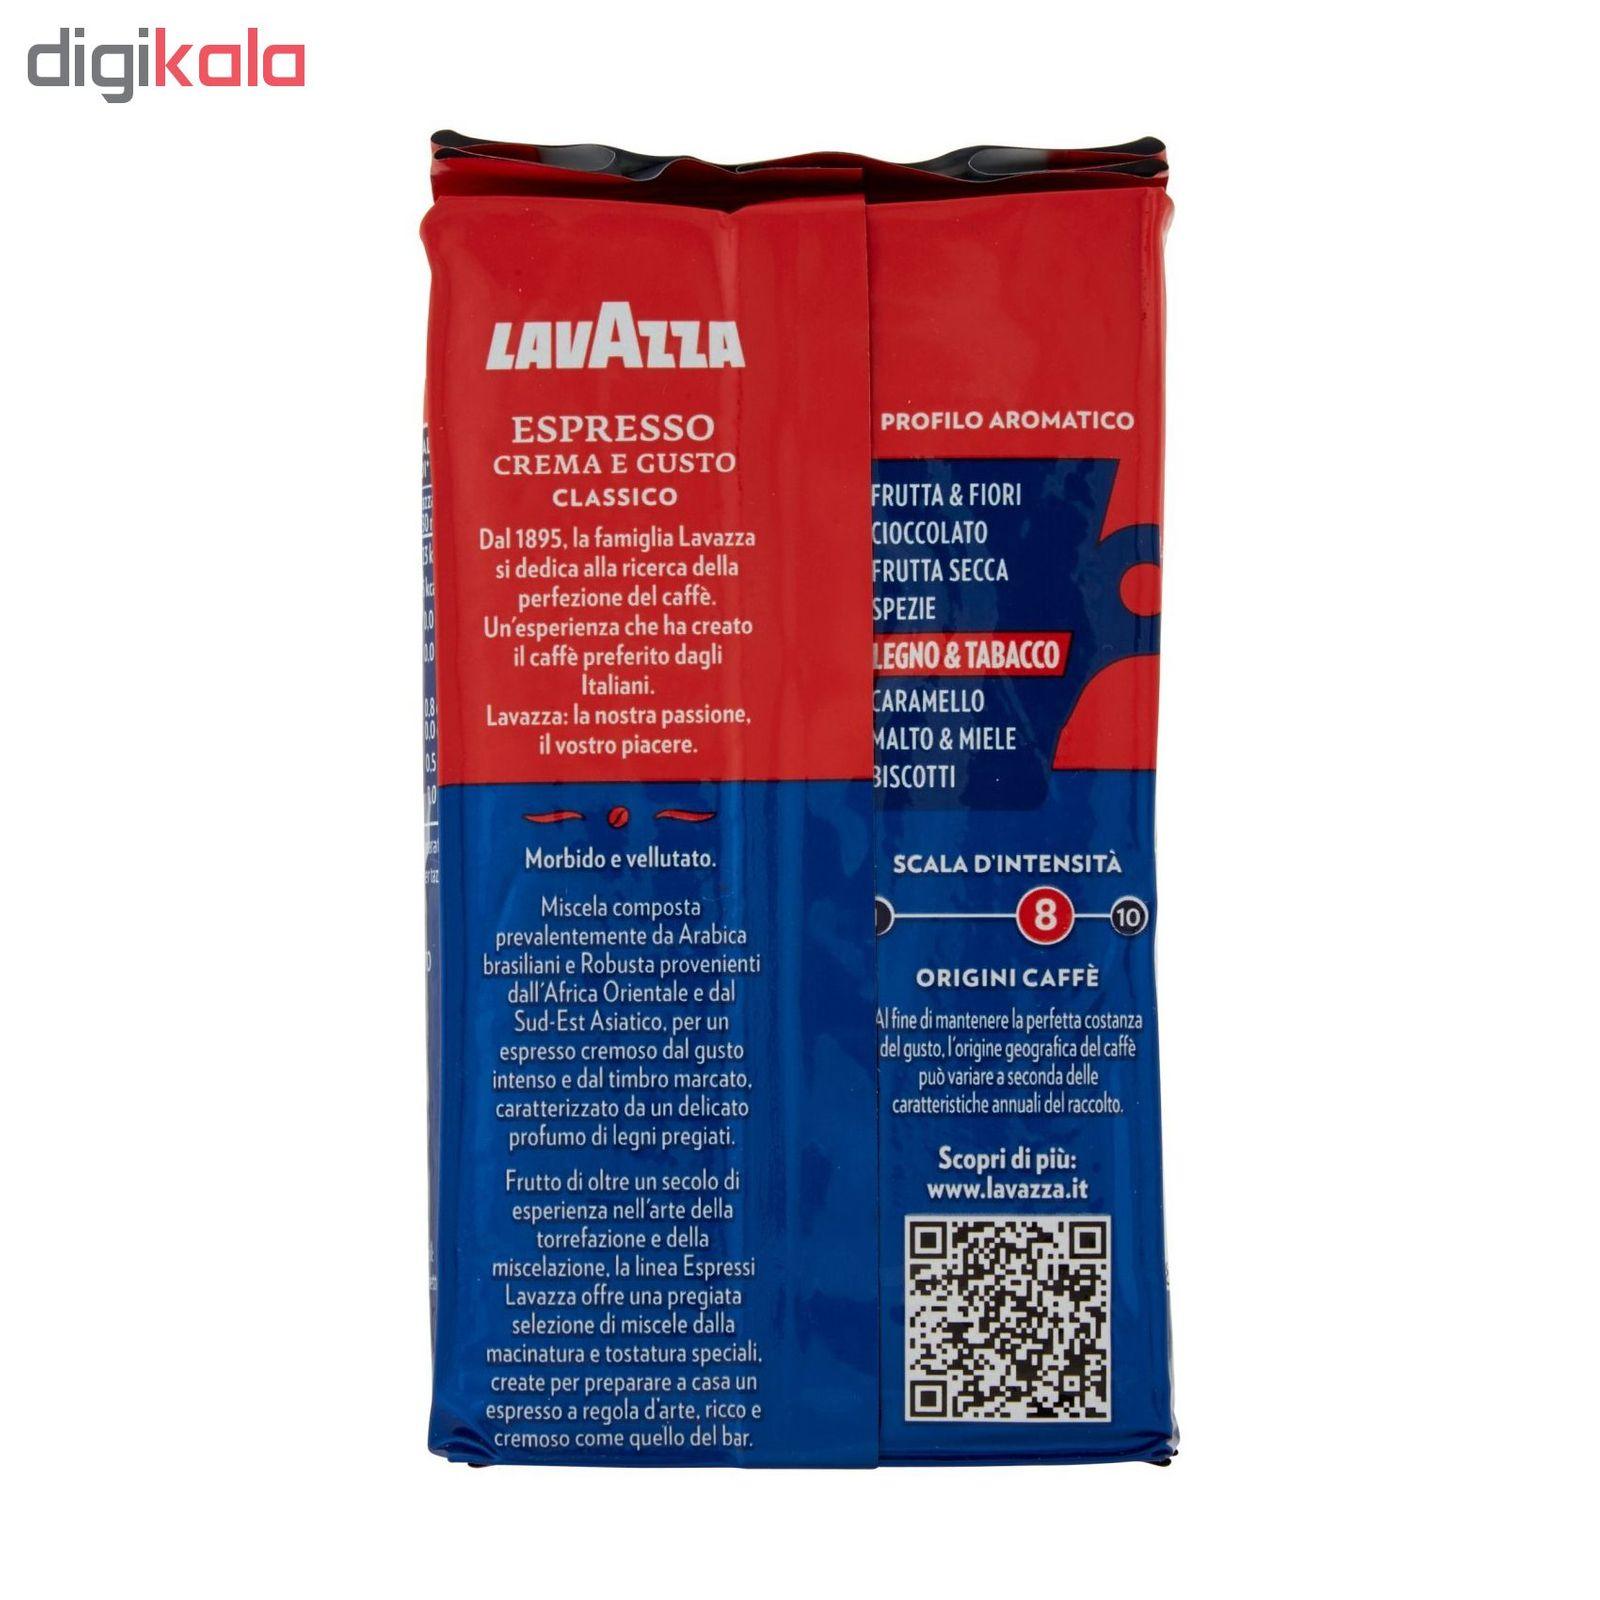 پودر قهوه لاواتزا مدل Crema e Gusto Classico مقدار 250 گرم main 1 1